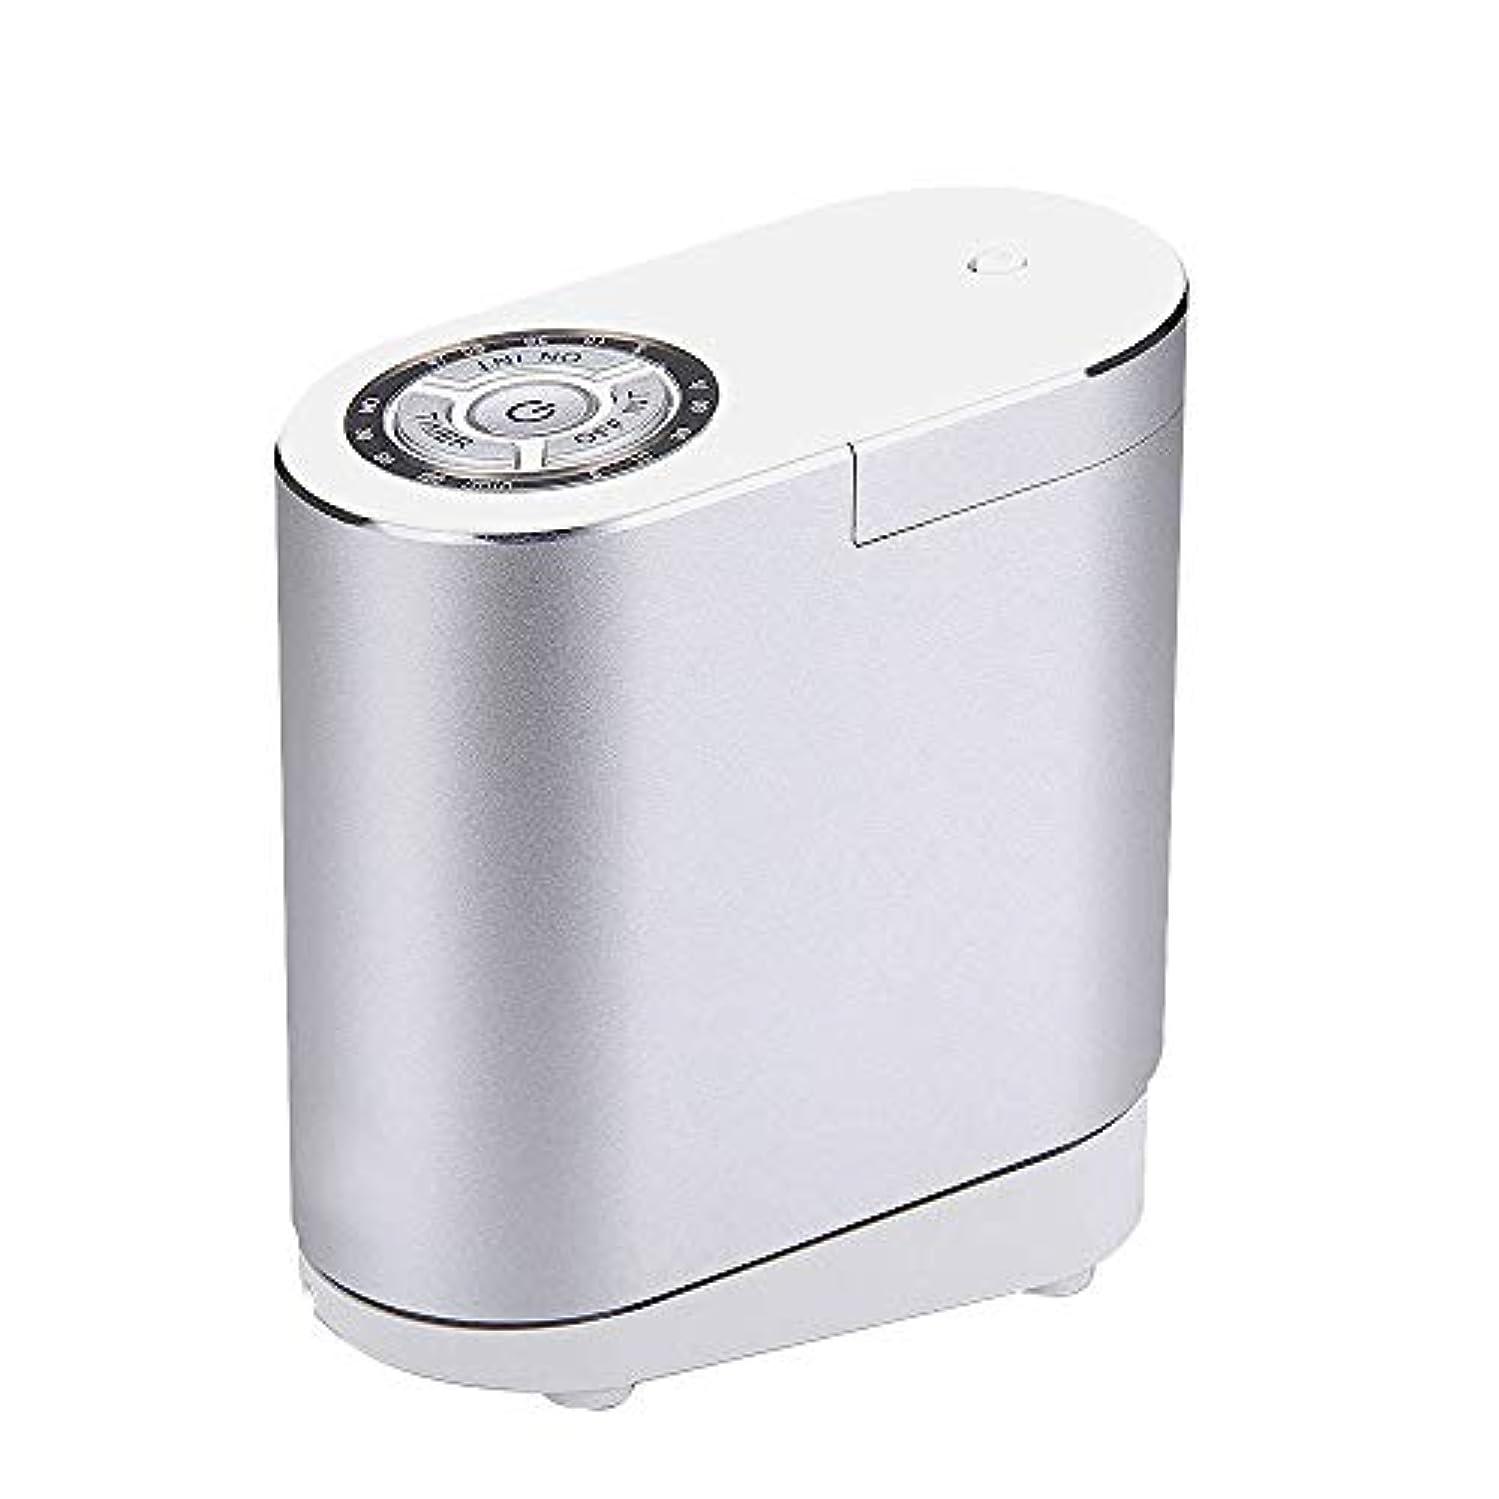 援助する運動する決定的精油の拡散器、総本店の寝室部屋のための携帯用超音波拡散器の涼しい霧の加湿器,silver30ML